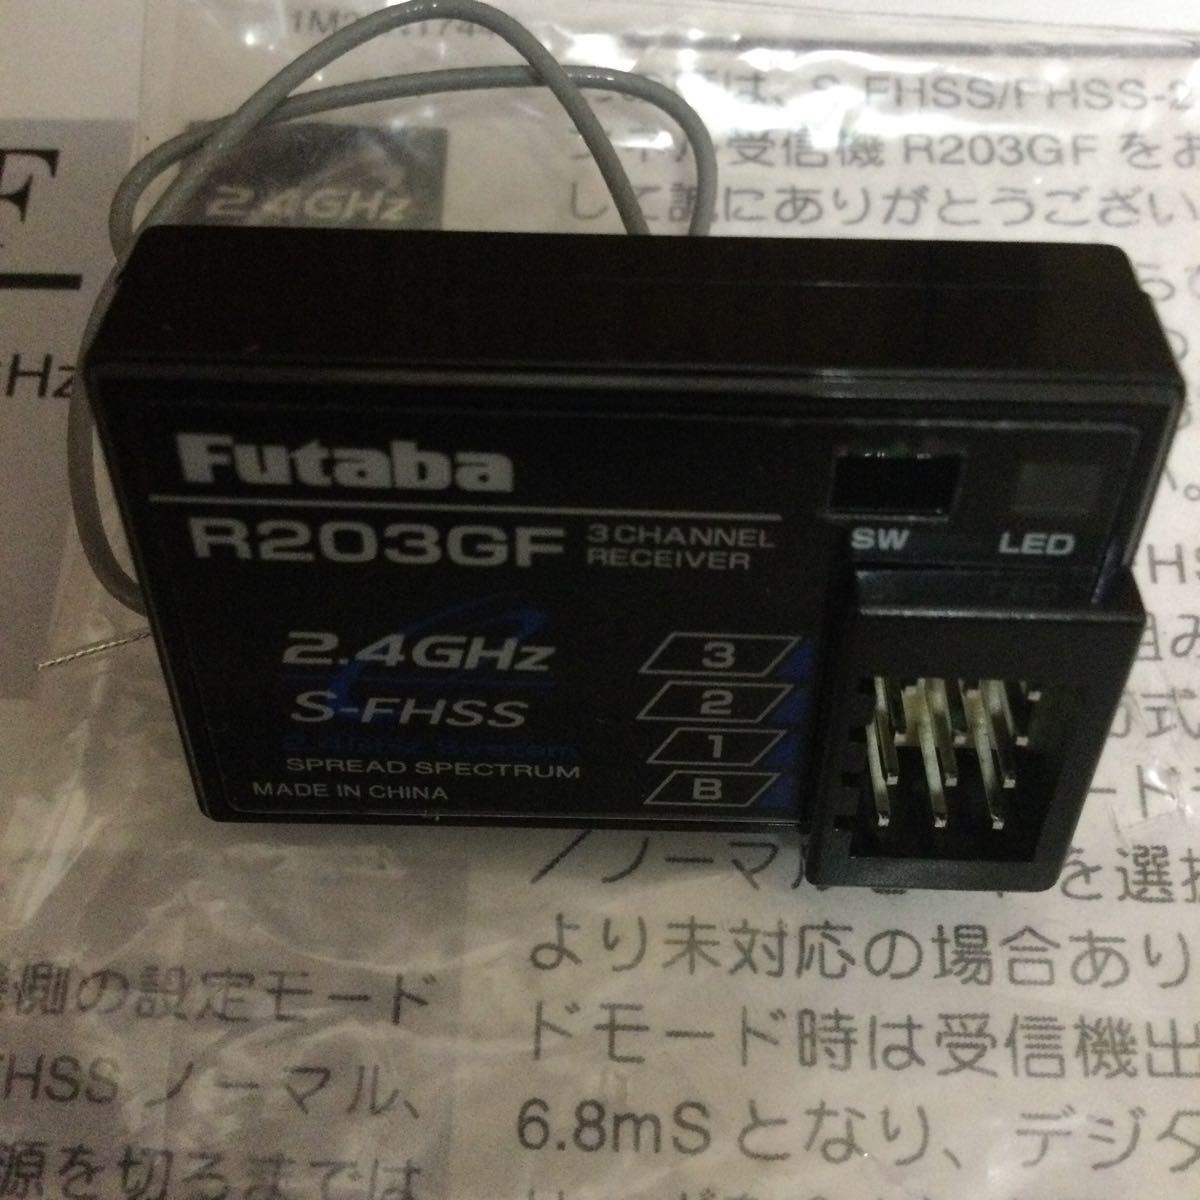 フタバ  新品 R203GF Futaba 受信機 ラジコン Rc